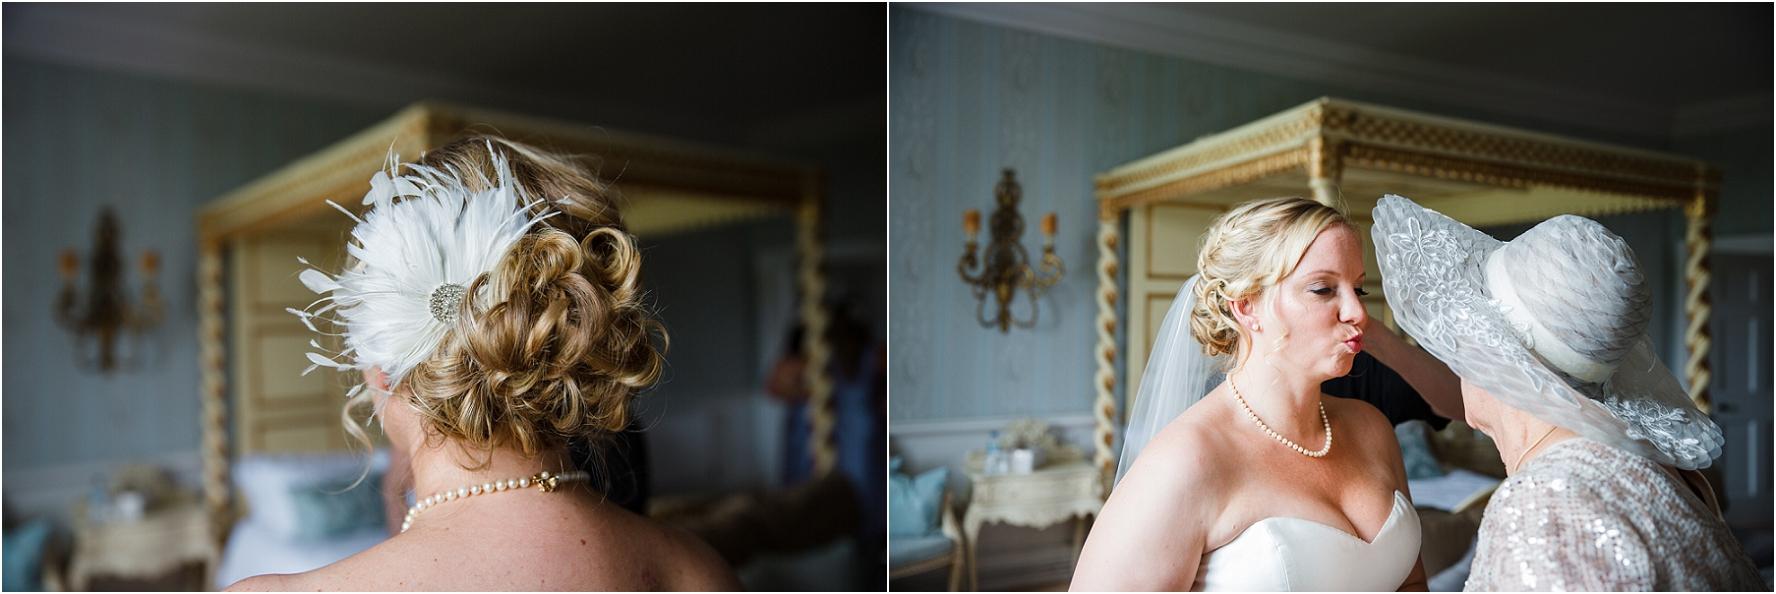 wedding-photography-norwood-park-11